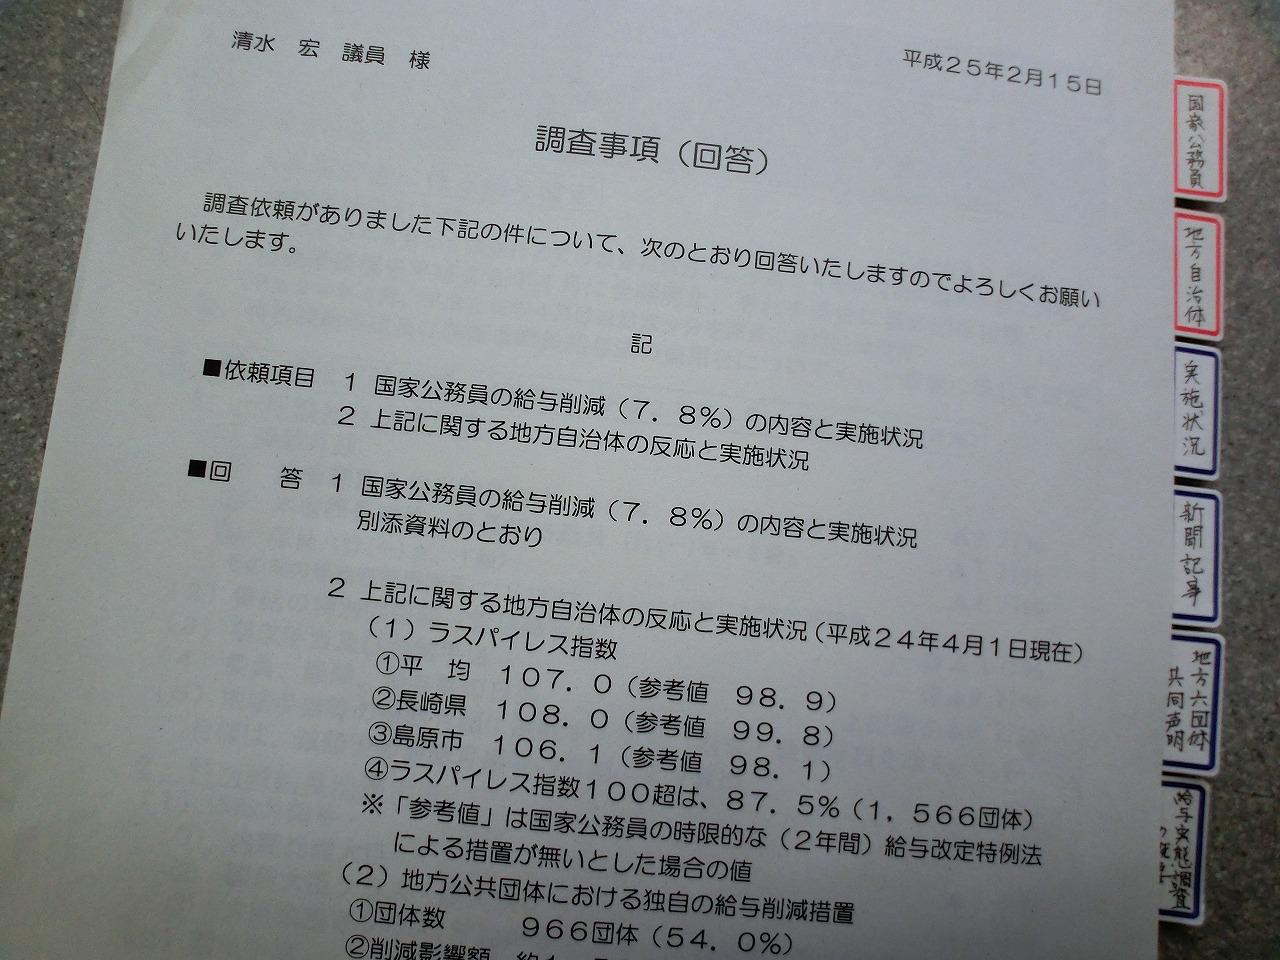 議員的日常:調査勉強の日々_c0052876_12375275.jpg